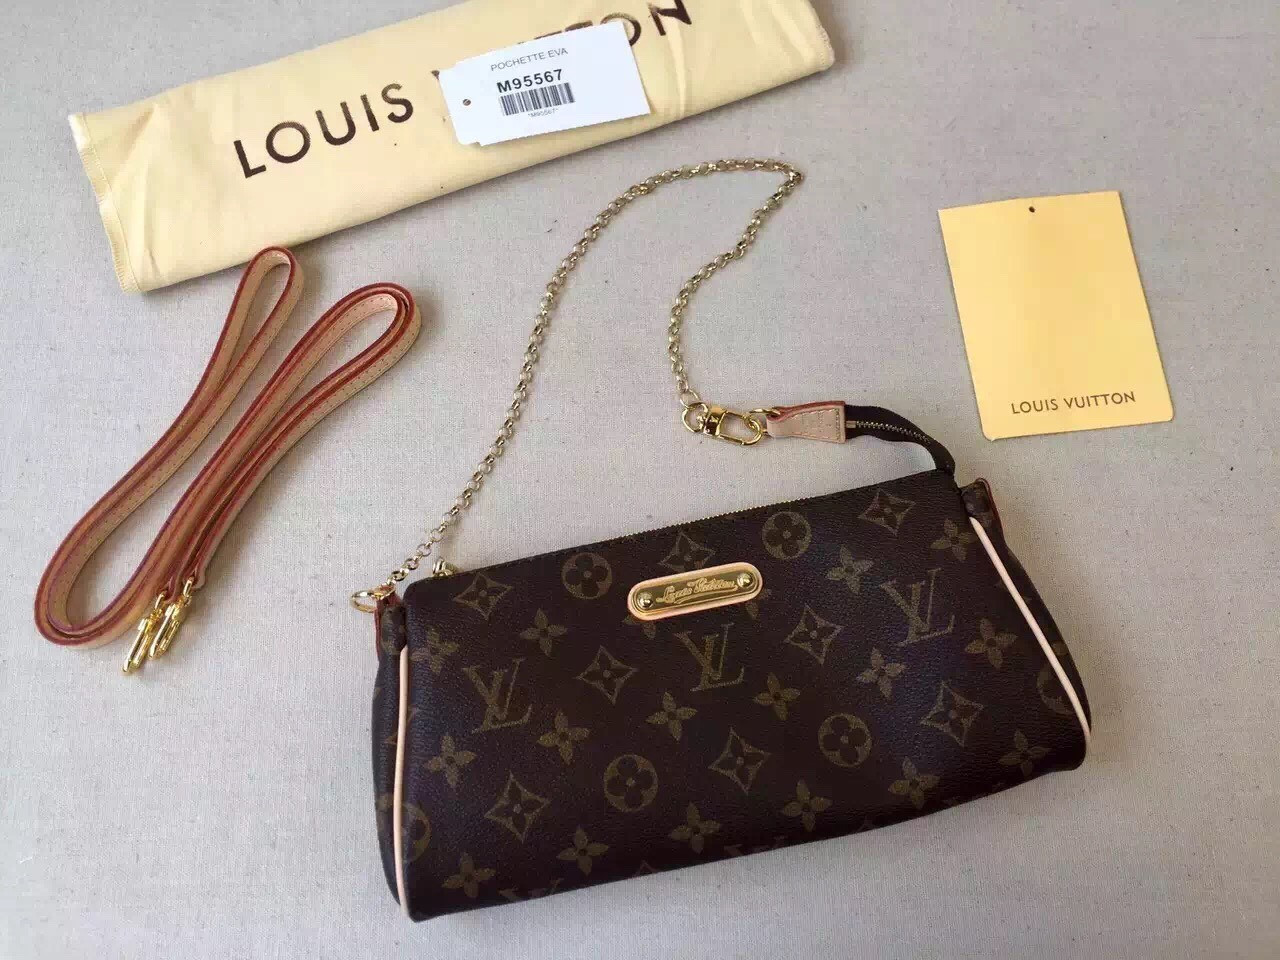 ca37ee3b9d05 Женская сумка Louis Vuitton Eva Monogram Canvas, цена 4 200 грн., купить в  Киеве — Prom.ua (ID#86493214)